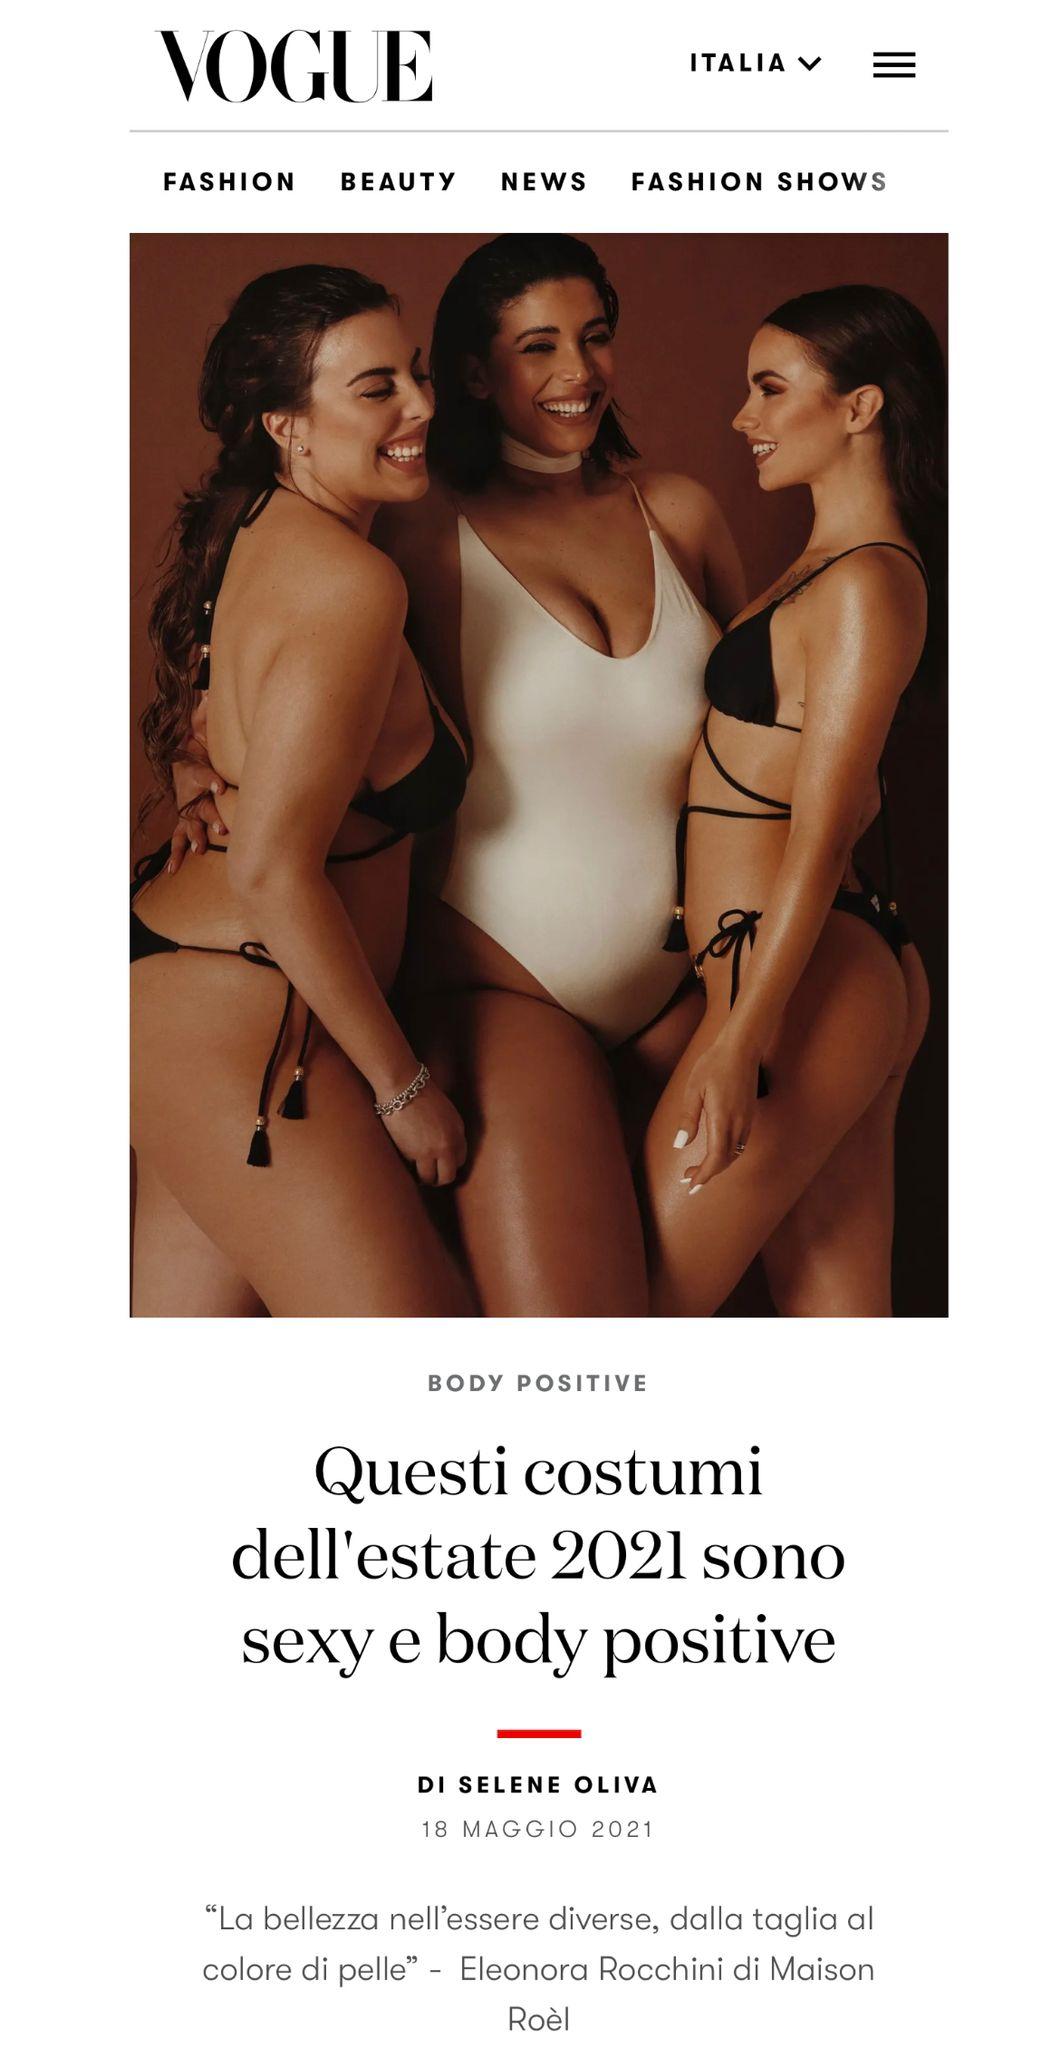 Vogue.it 18.05.2021